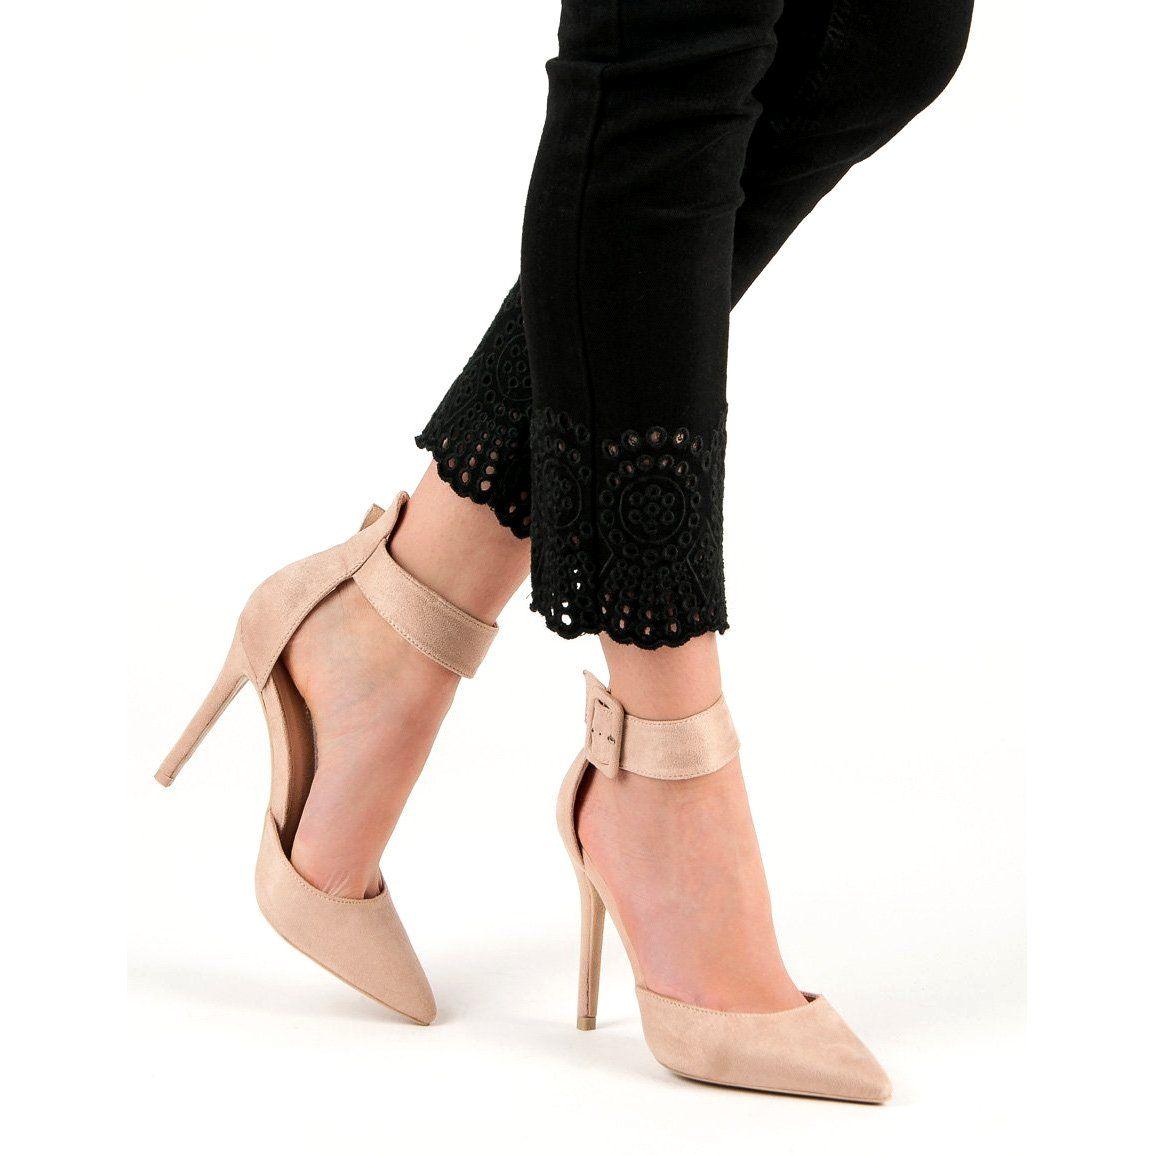 Bezowe Zamszowe Szpilki Bezowy Stiletto Heels Heels Stiletto